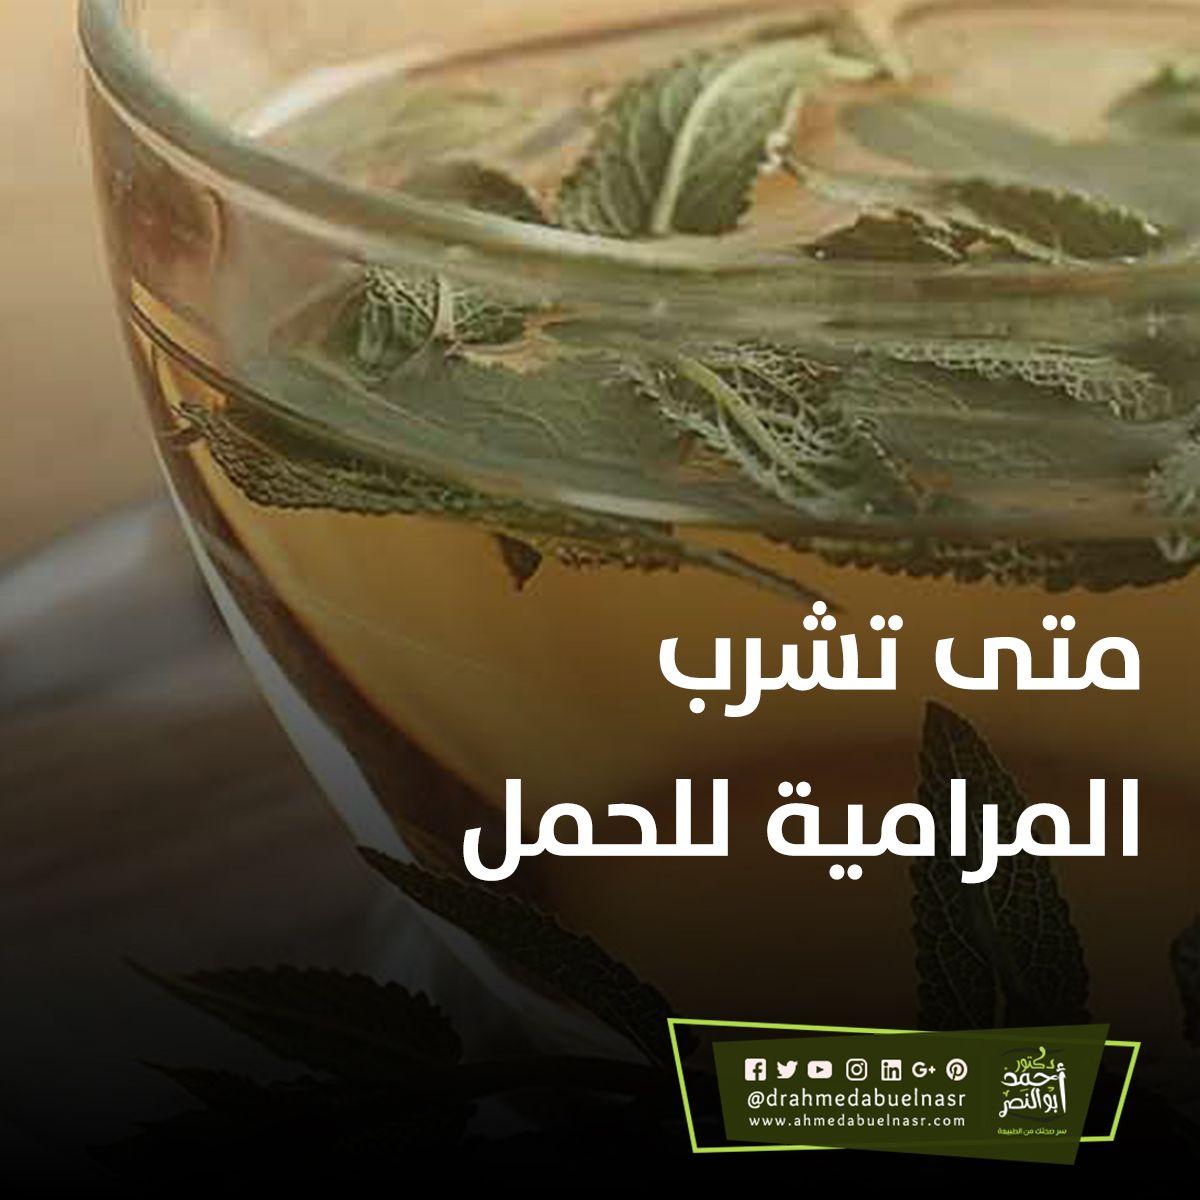 أفضل وقت لشرب المراميه لتنشيط المبايض والدورة الشهرية والحمل Vegetables Cabbage Food